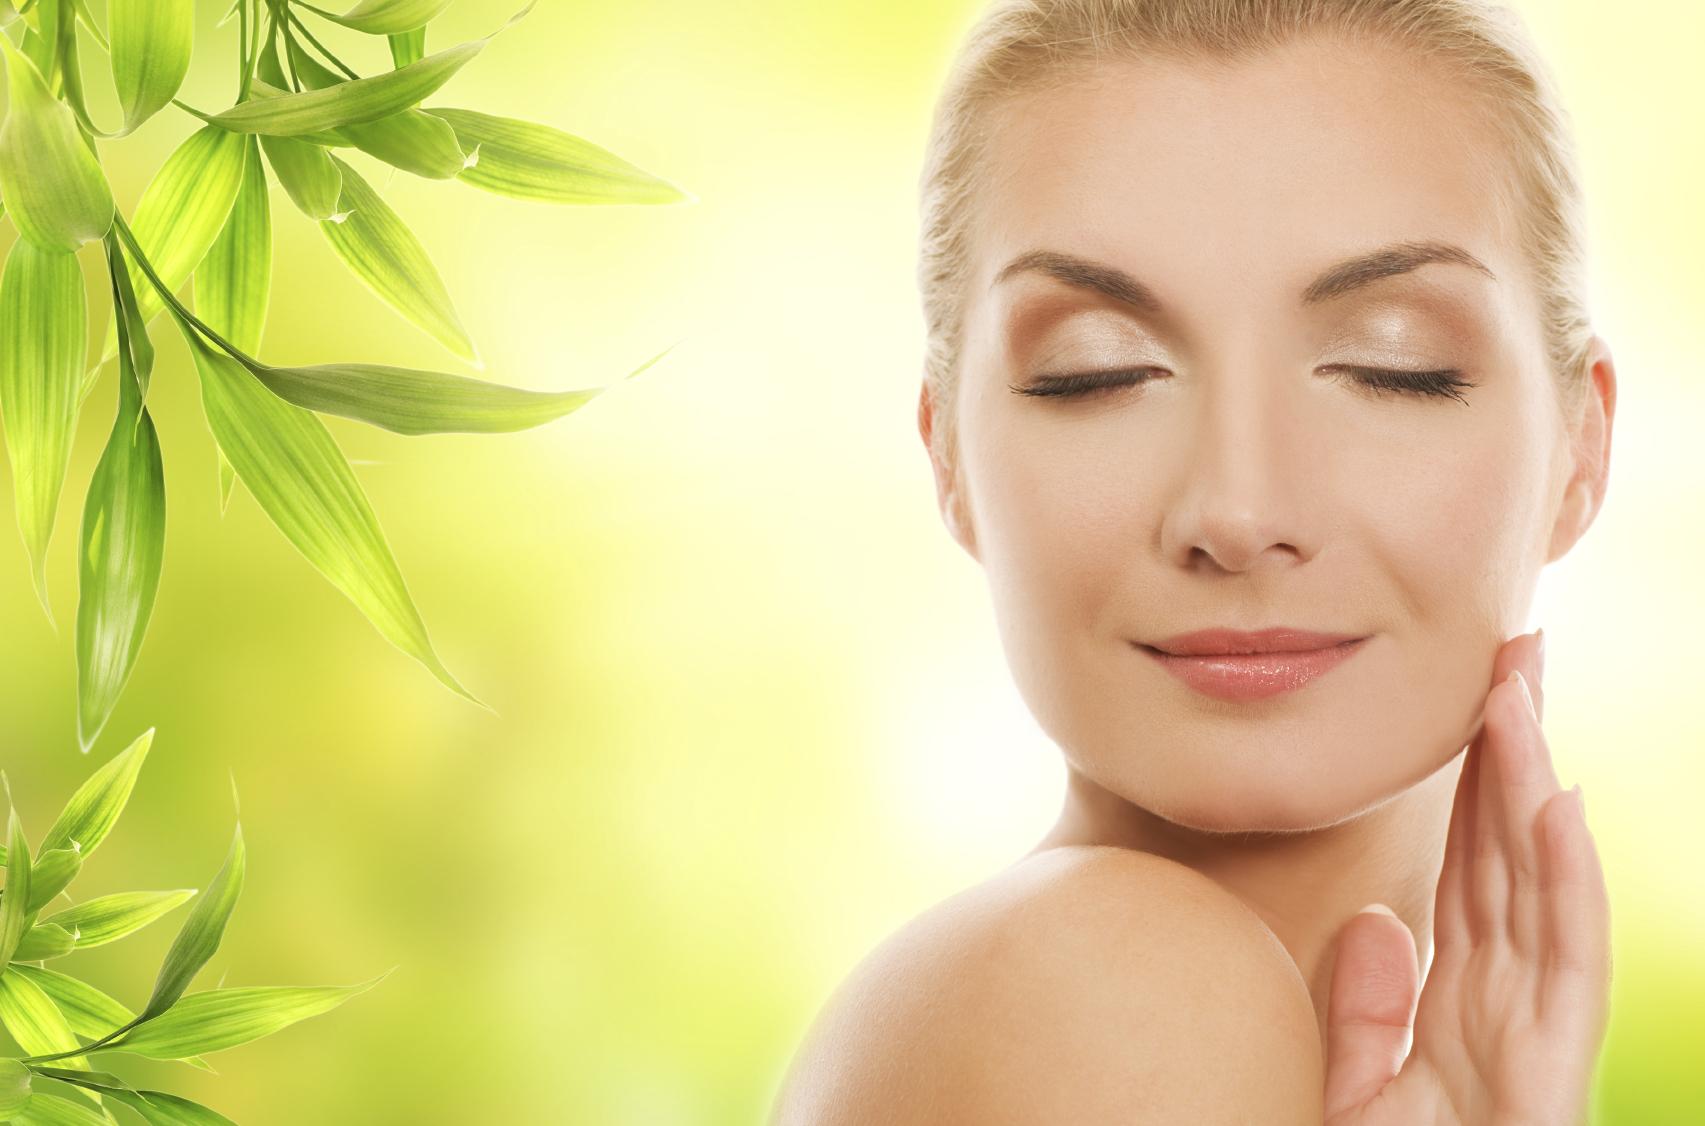 Những nguyên nhân chính tác động trực tiếp gây ảnh hưởng xấu đến làn da